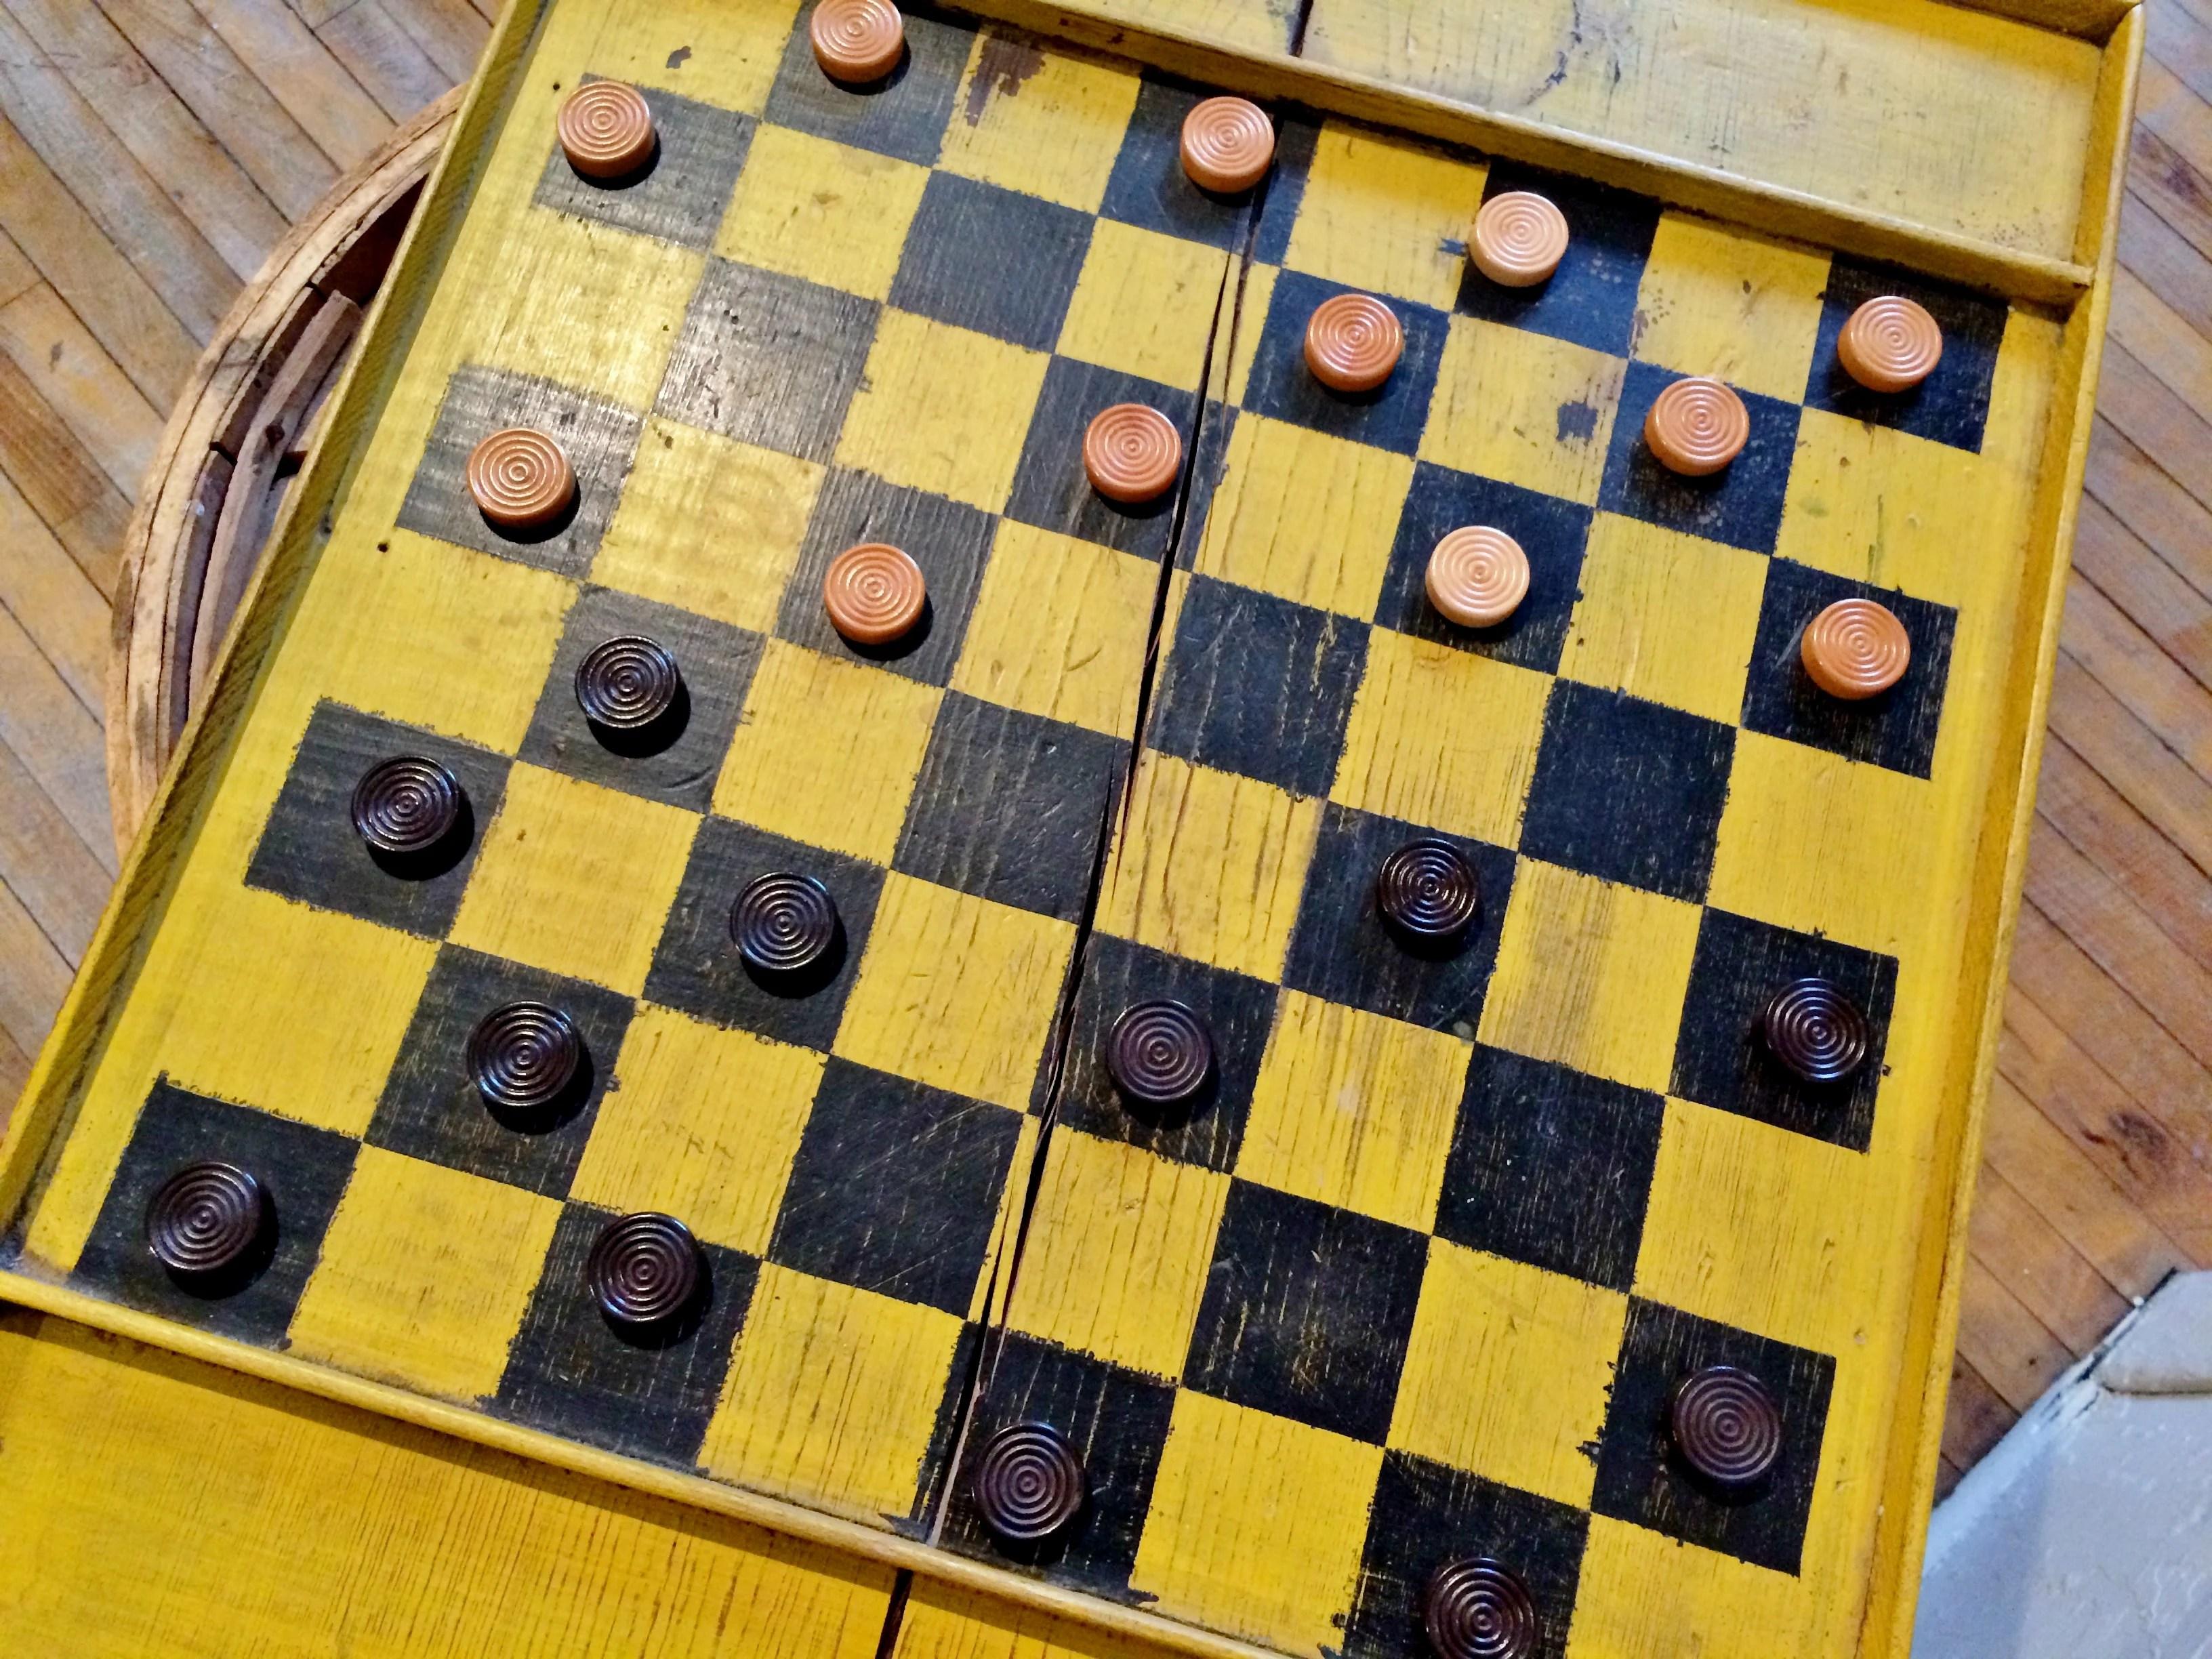 Chessboard Bennington Museum